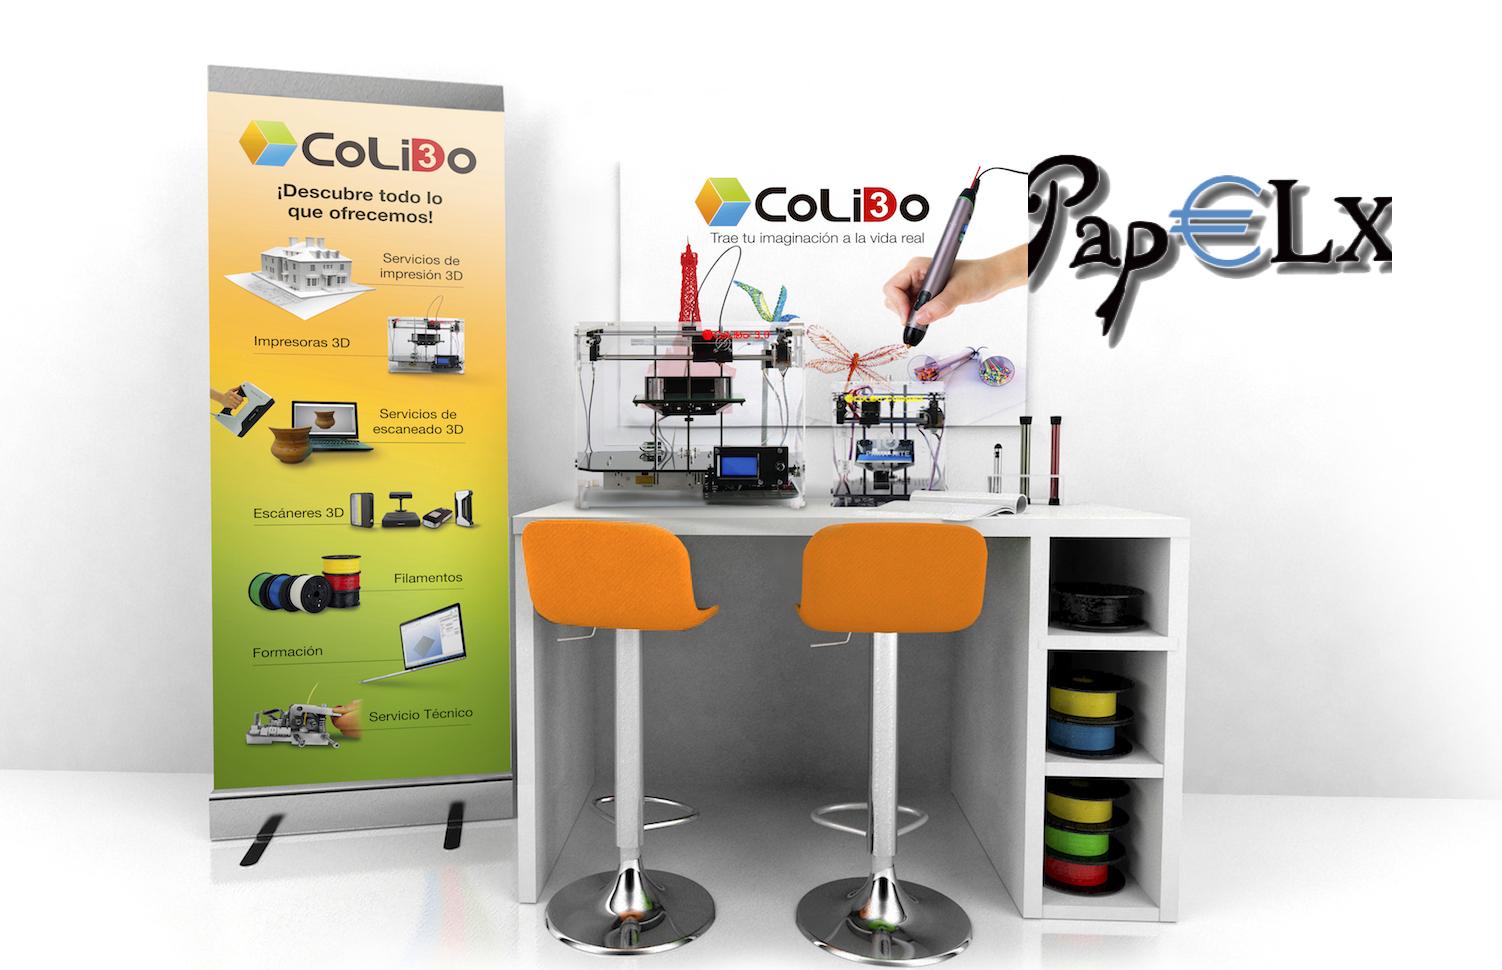 Papelx: Nuevo Distribuidor Oficial CoLiDO En Elche